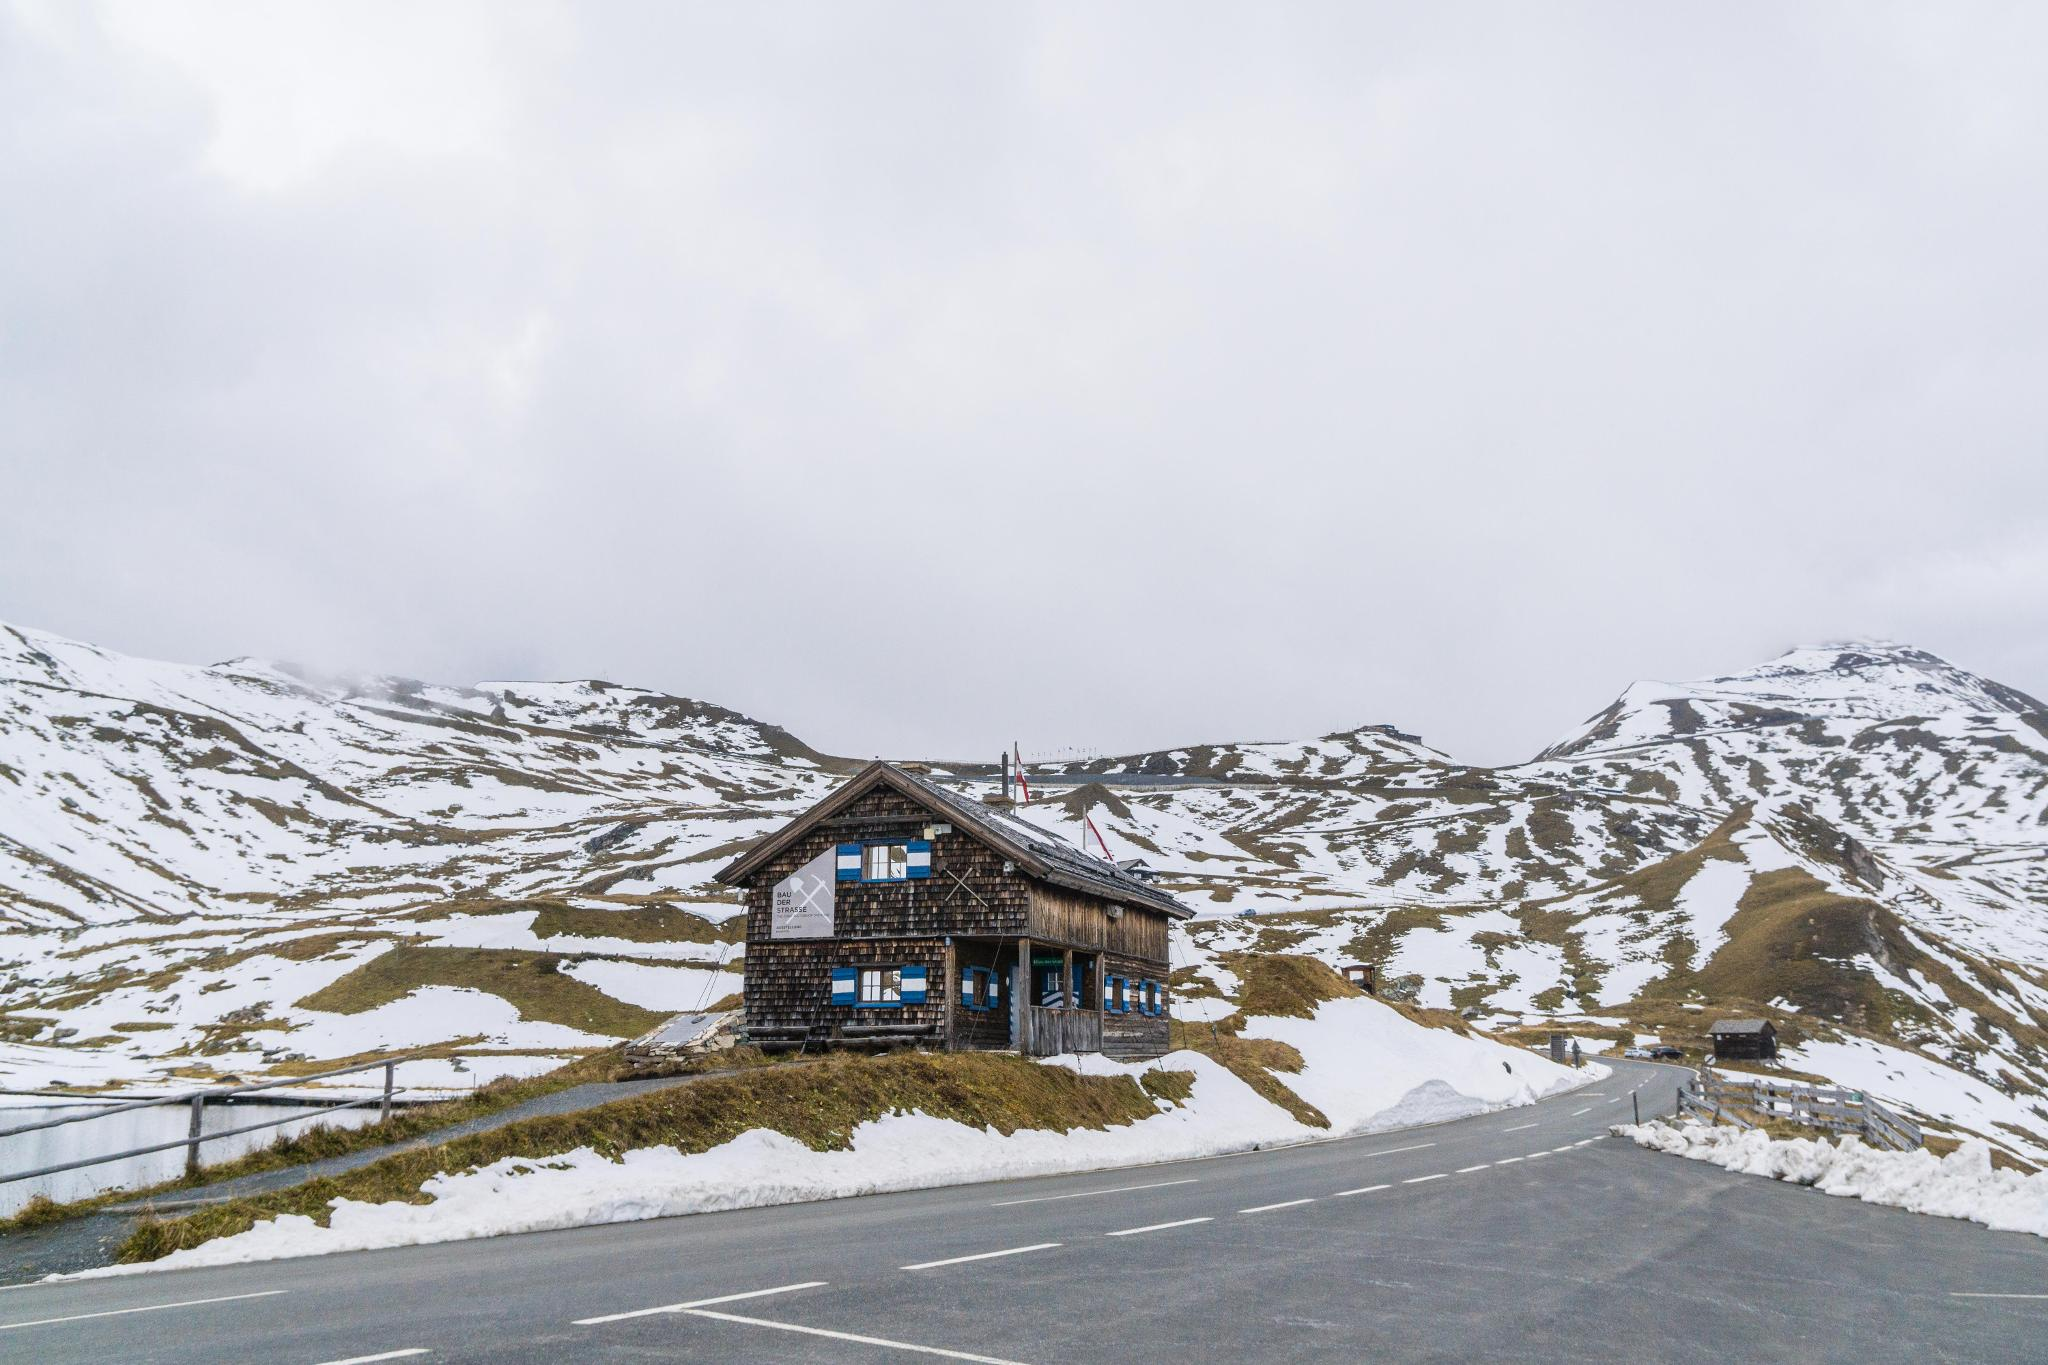 【奧地利】穿越阿爾卑斯之巔 — 奧地利大鐘山冰河公路 (Grossglockner High Alpine Road) 52